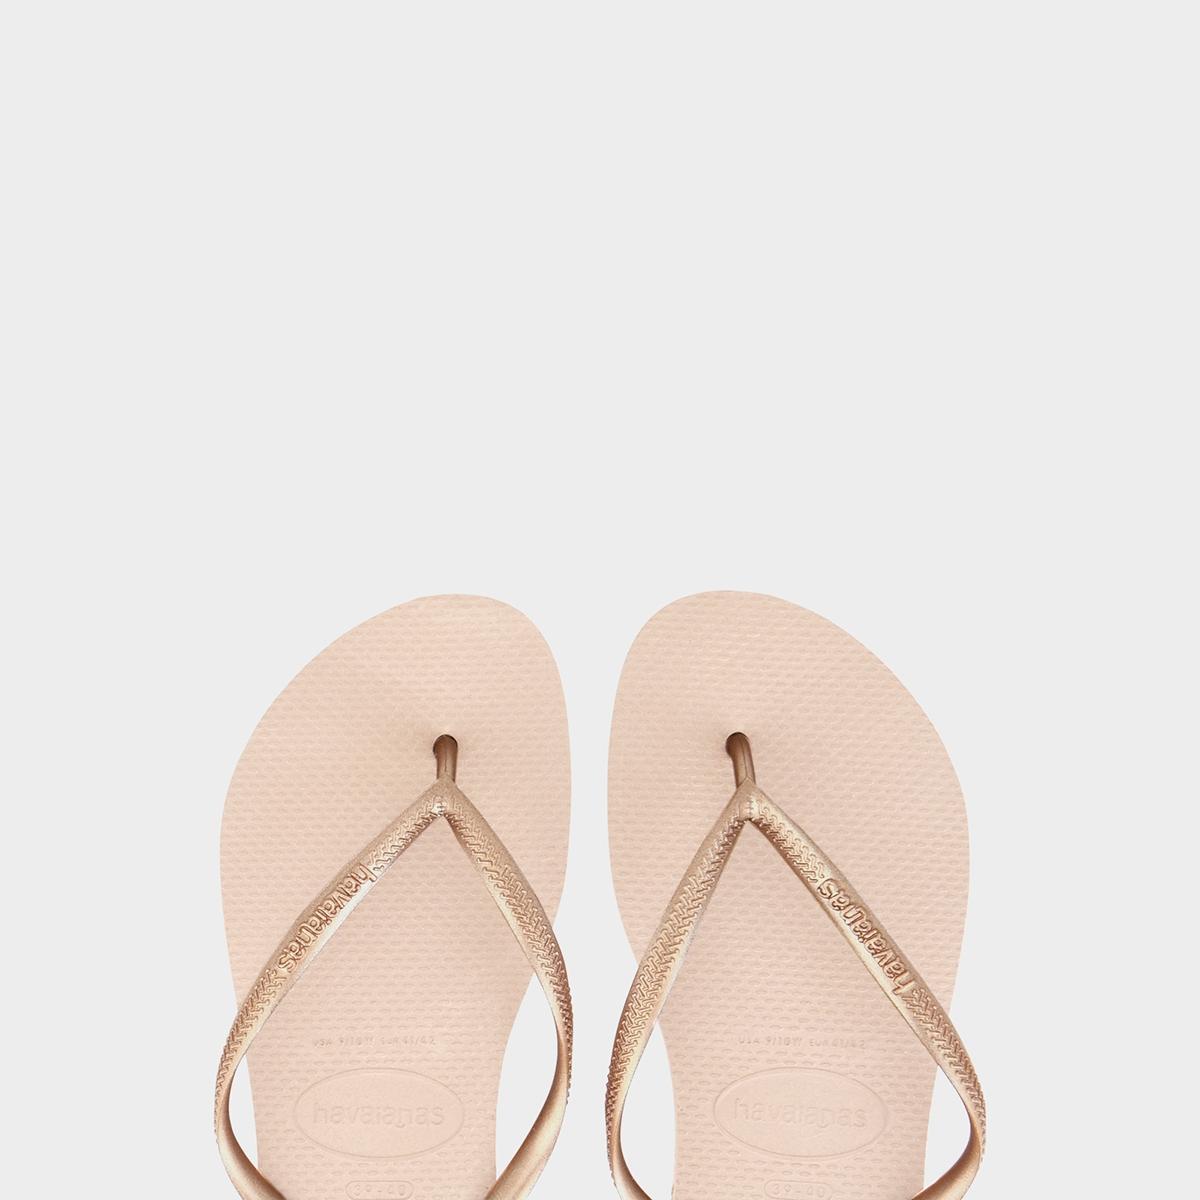 Havaianas Slim Sandals Pink Gold